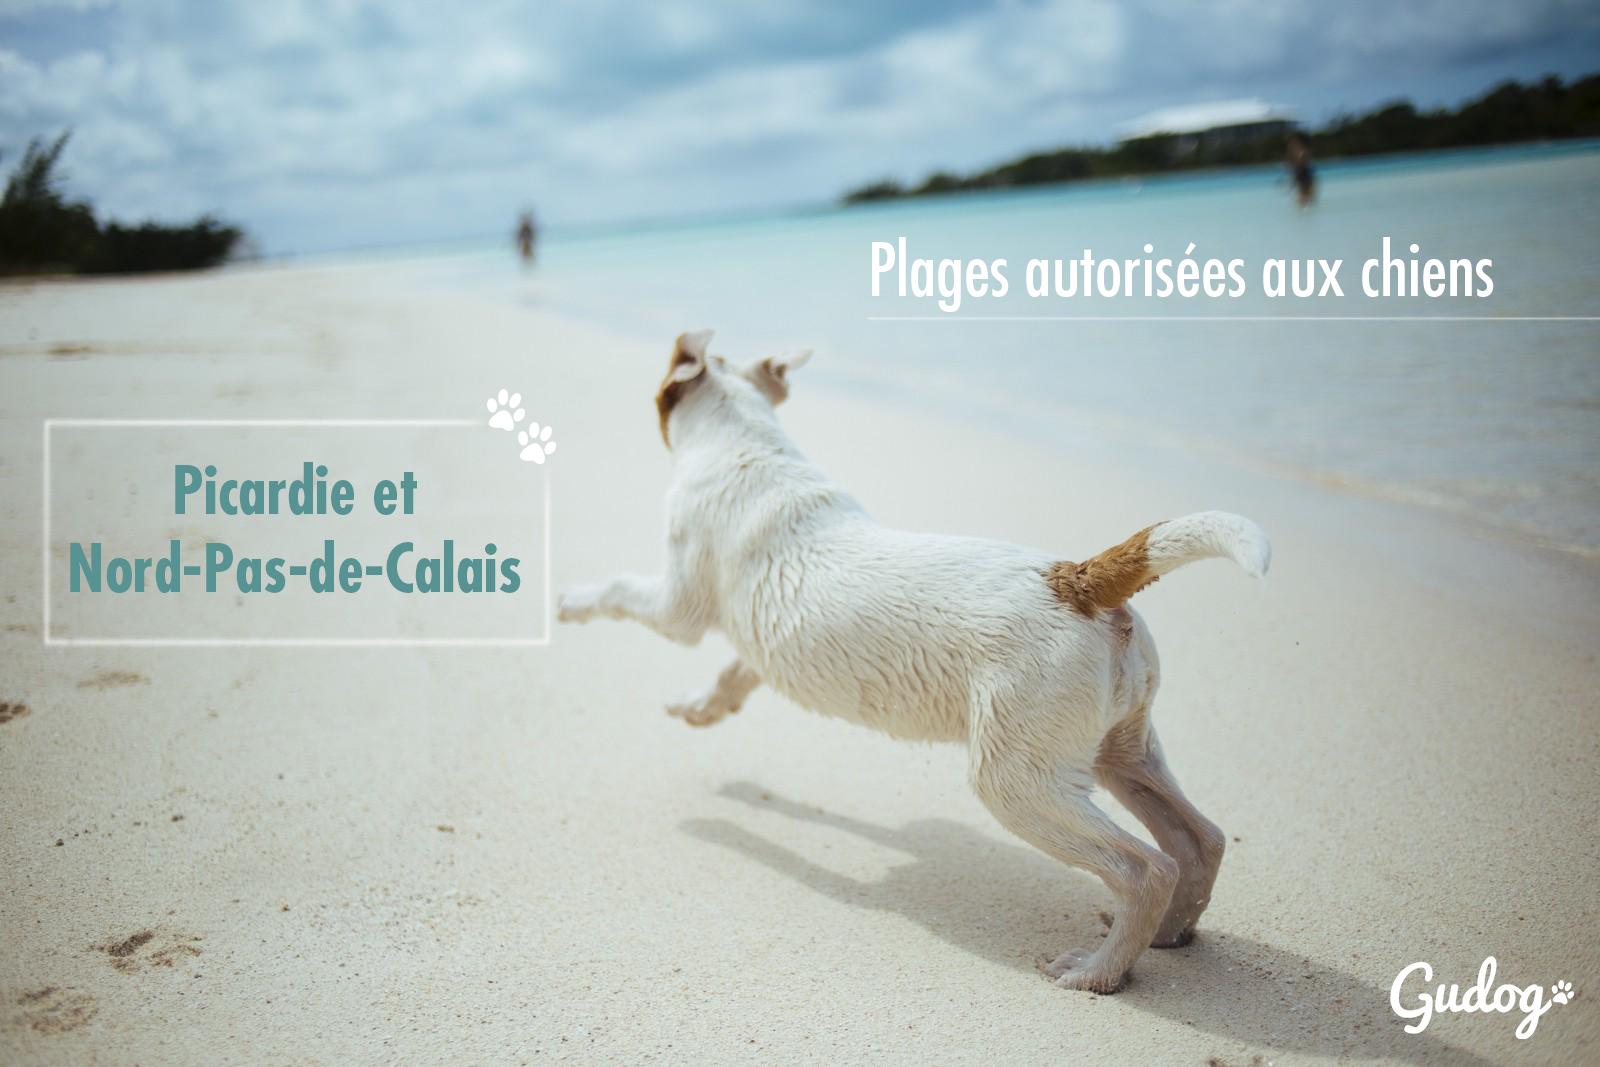 plages autorisées aux chiens picardie nord pas de calais